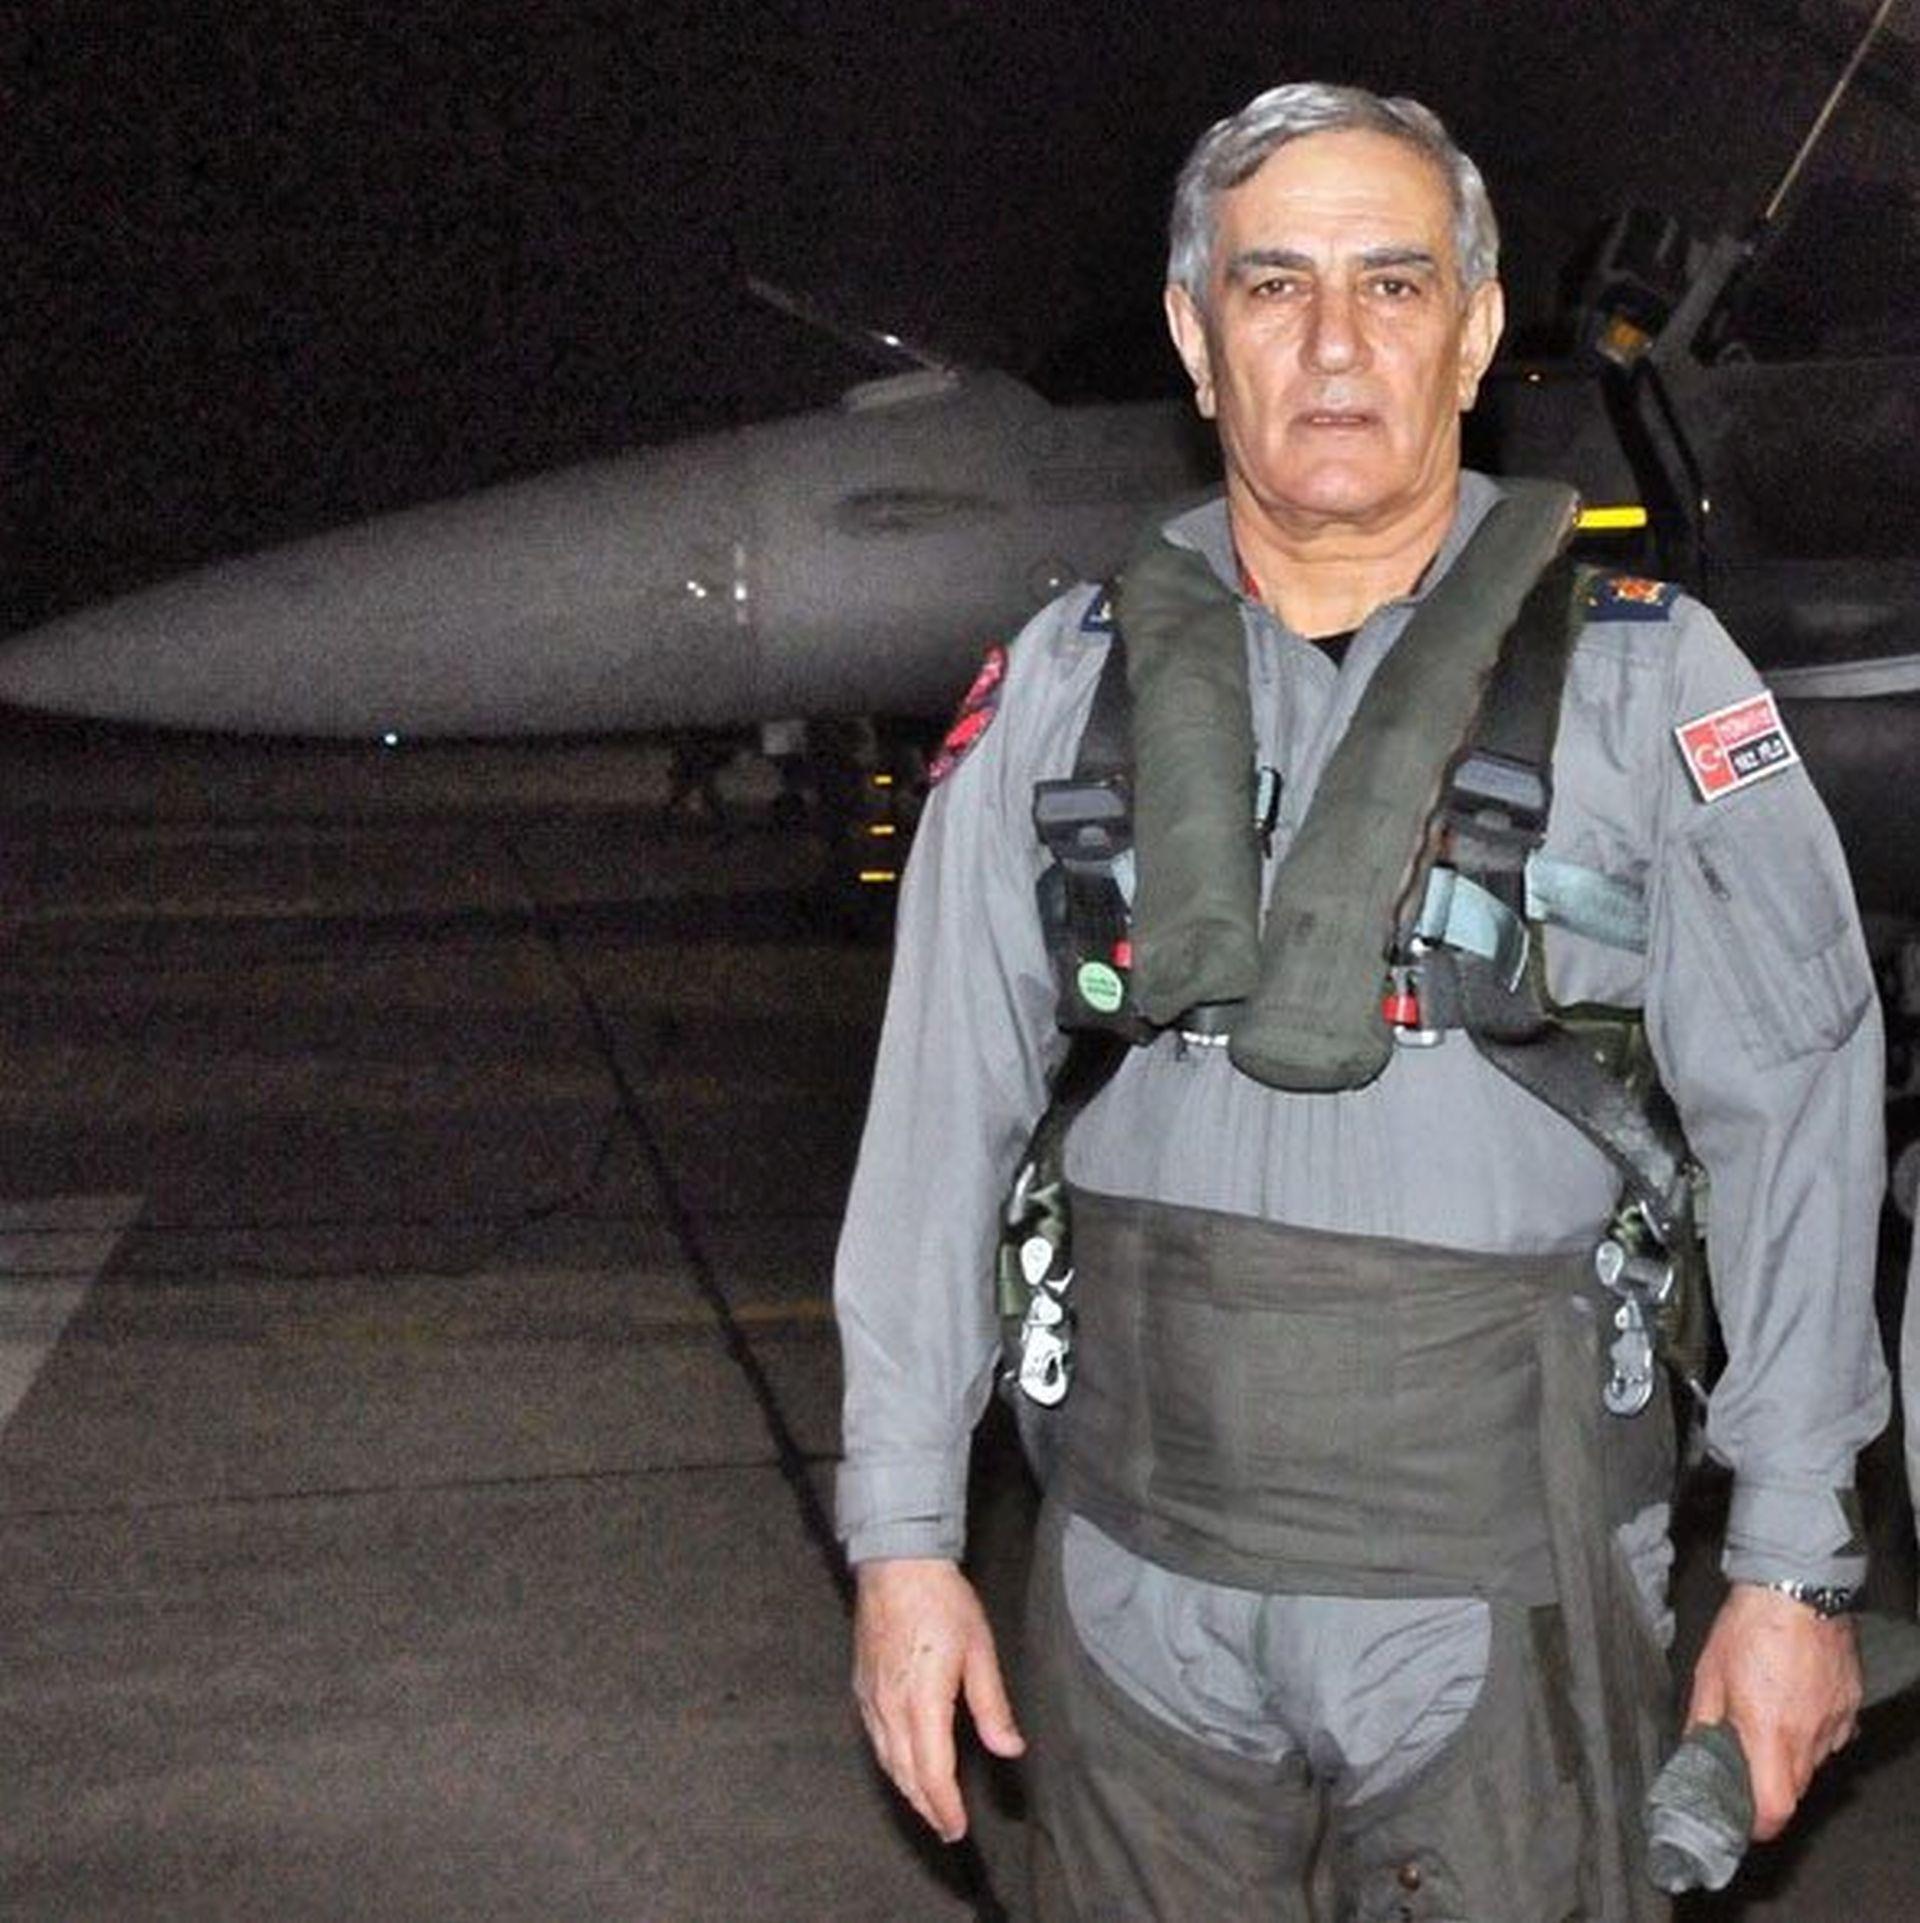 PRIZNAO TIJEKOM ISPITIVANJA: Bivši zapovjednik organizirao vojni udar u Turskoj